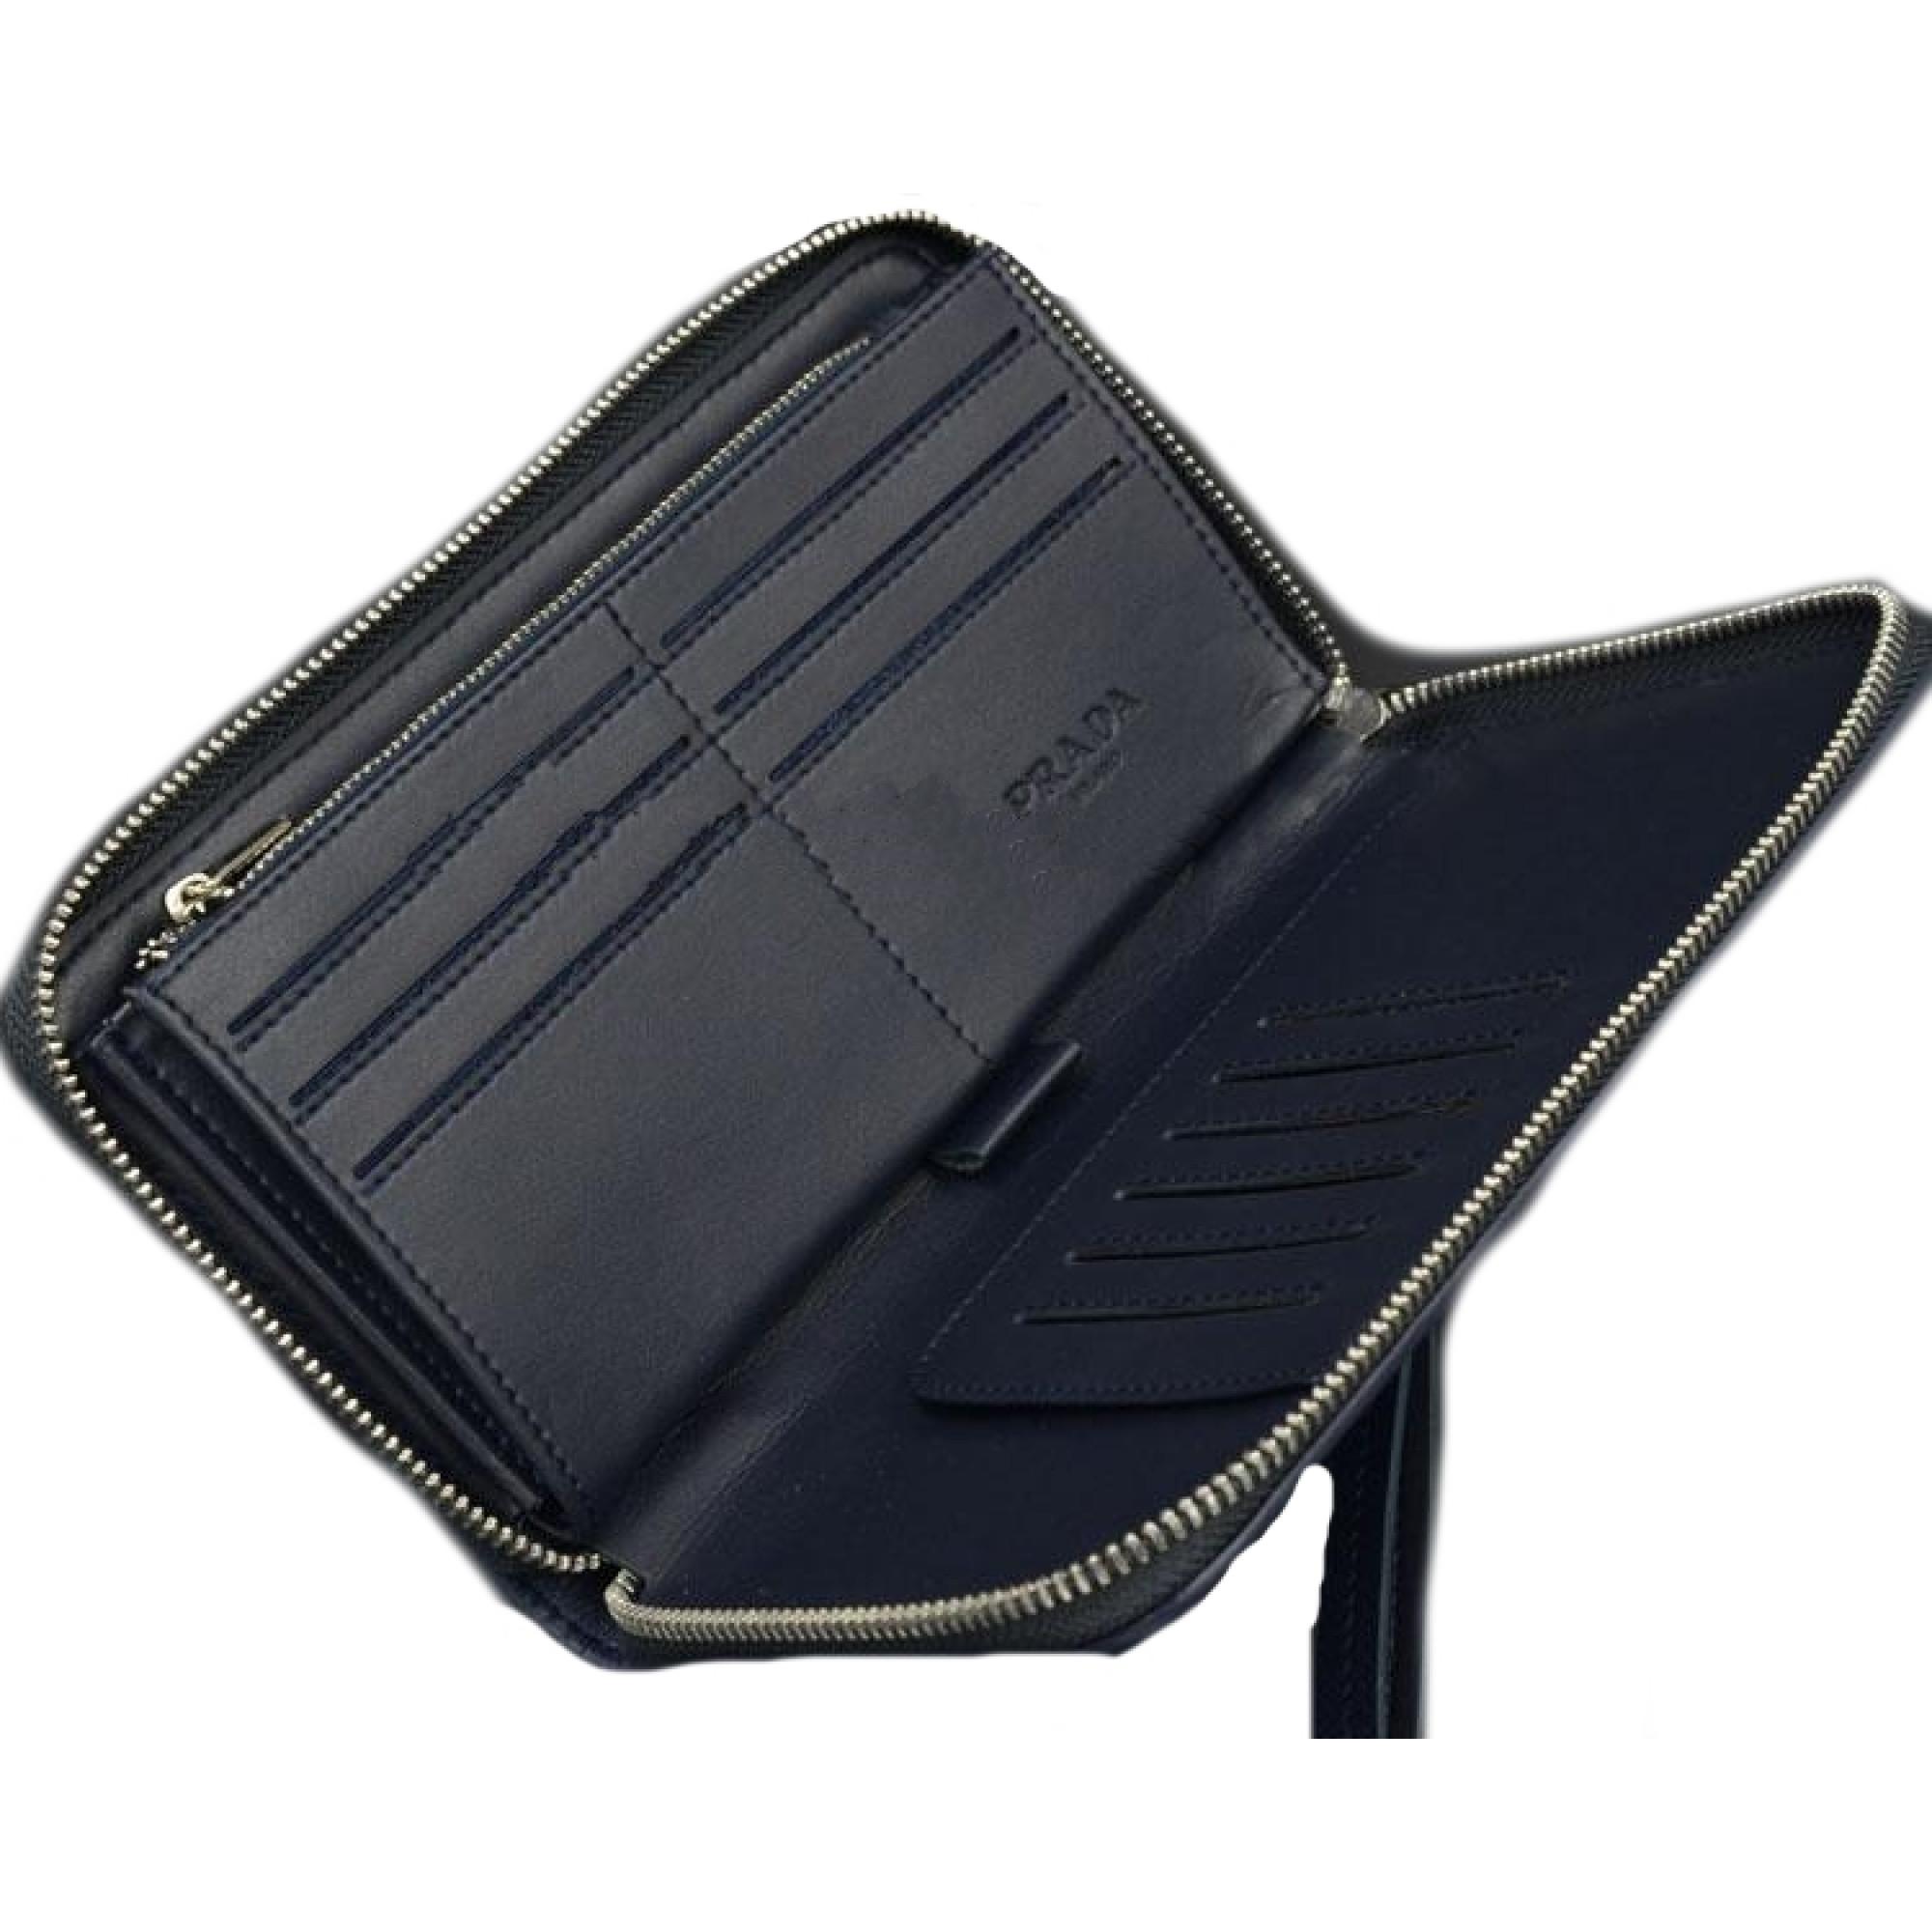 41d8b6a32f6e купить синий мужской кошелек Prada в киеве код товара 18055